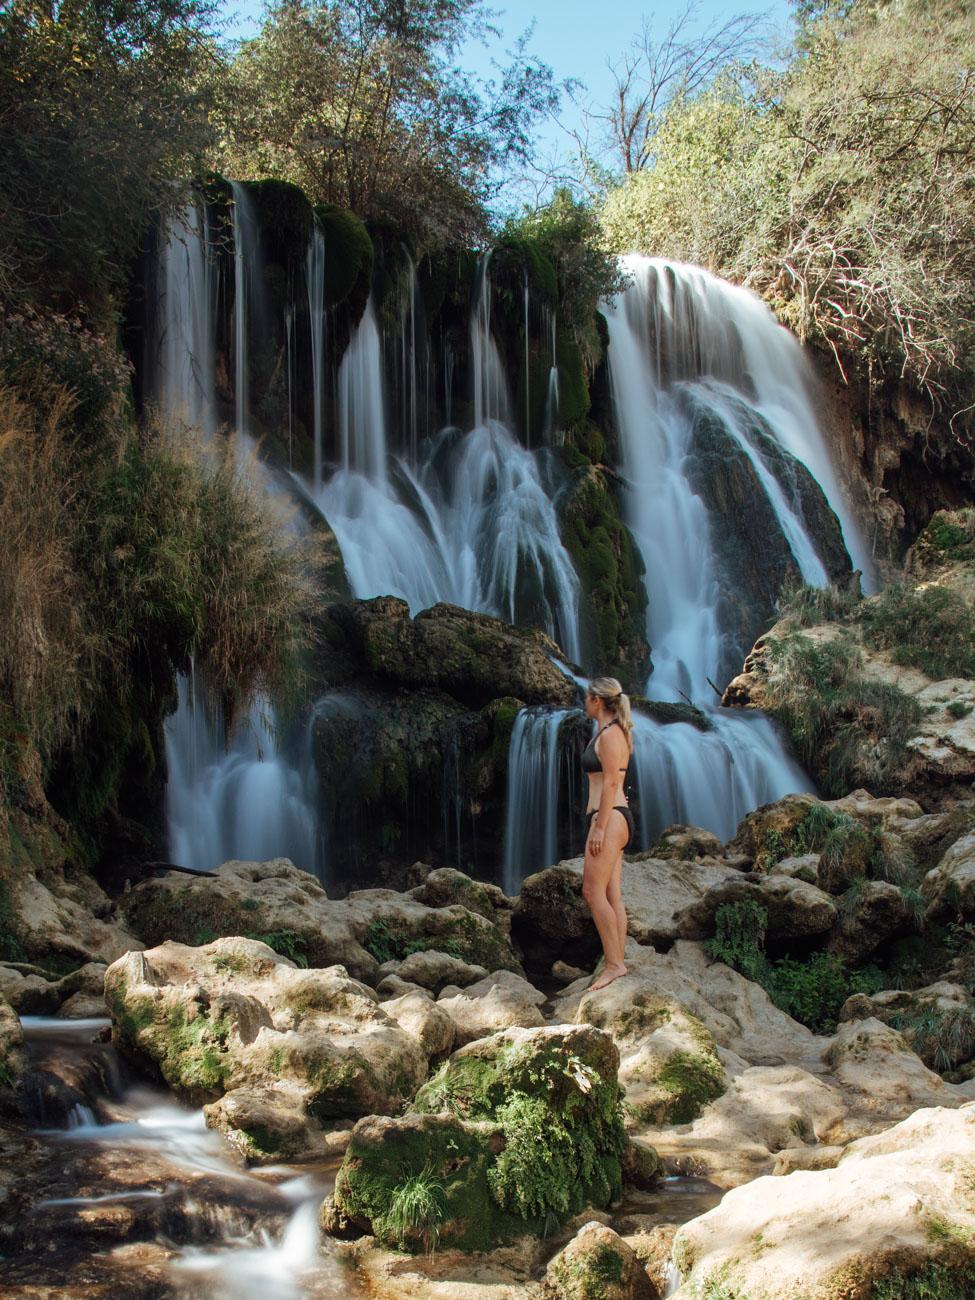 Imbi at Kravica Waterfall